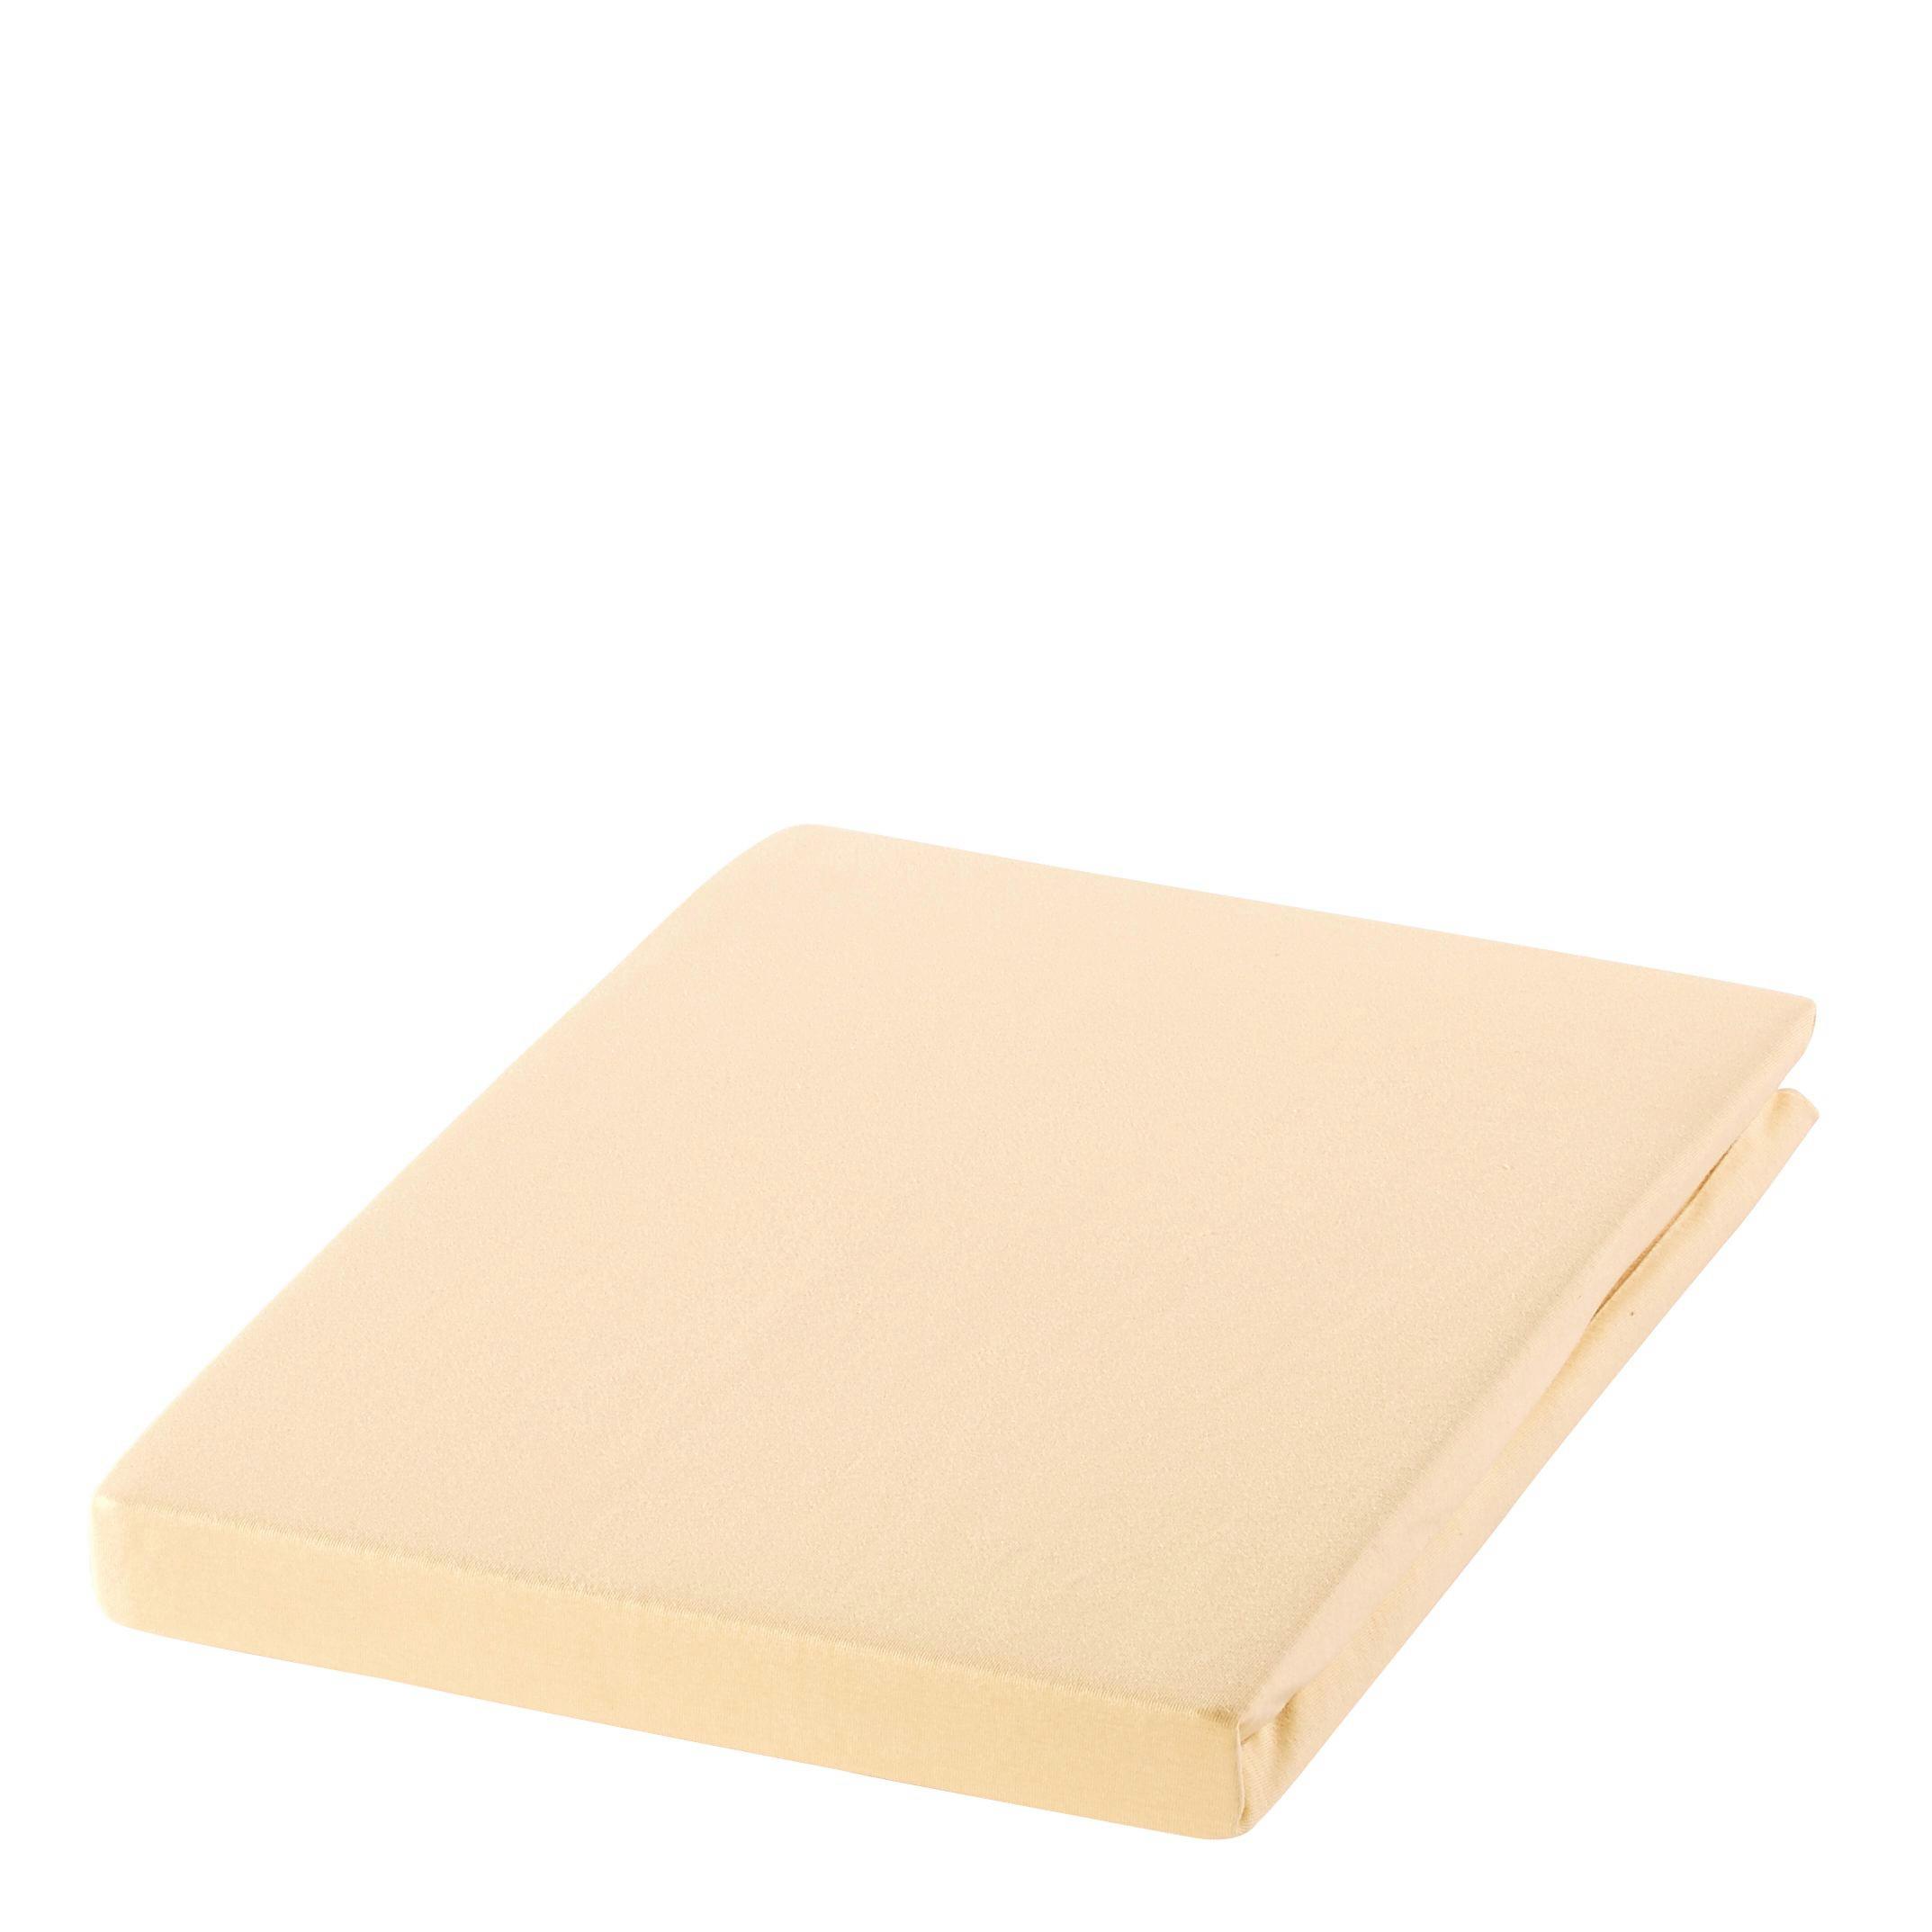 SPANNBETTTUCH Zwirn-Jersey Beige bügelfrei, für Wasserbetten geeignet - Beige, Basics, Textil (200/200cm) - ESTELLA